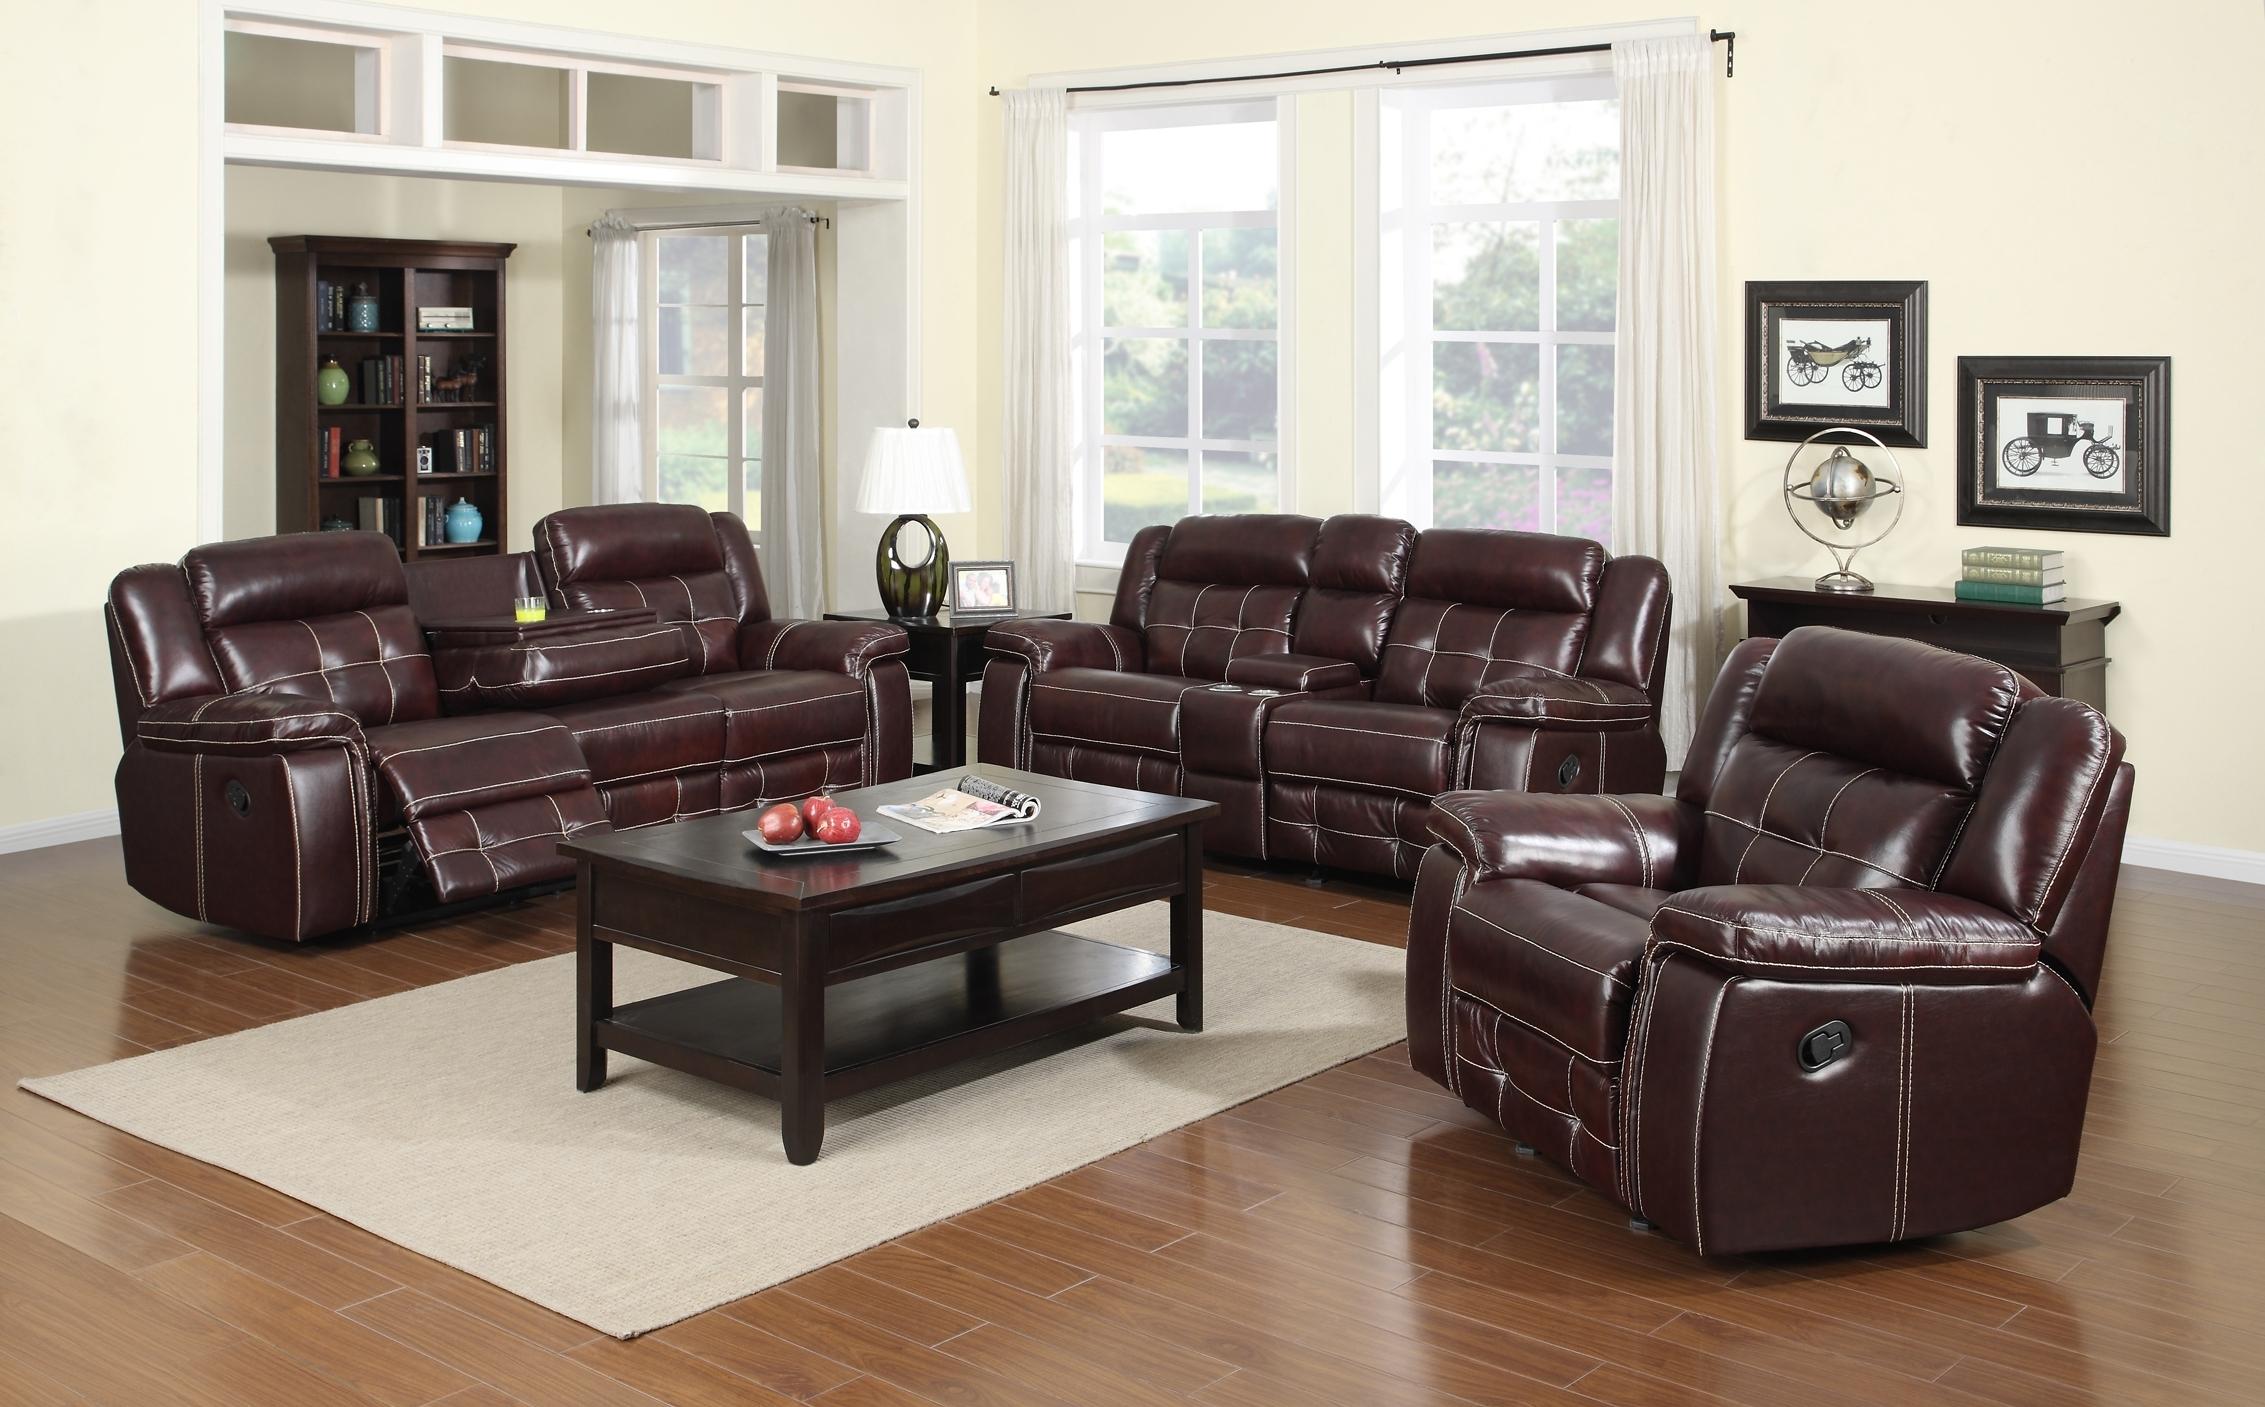 Favorite Sectional Sofas At Brampton Pertaining To Bf22lvrc Brmp – Brothers Furniture – Furniture Store Brampton (View 6 of 20)